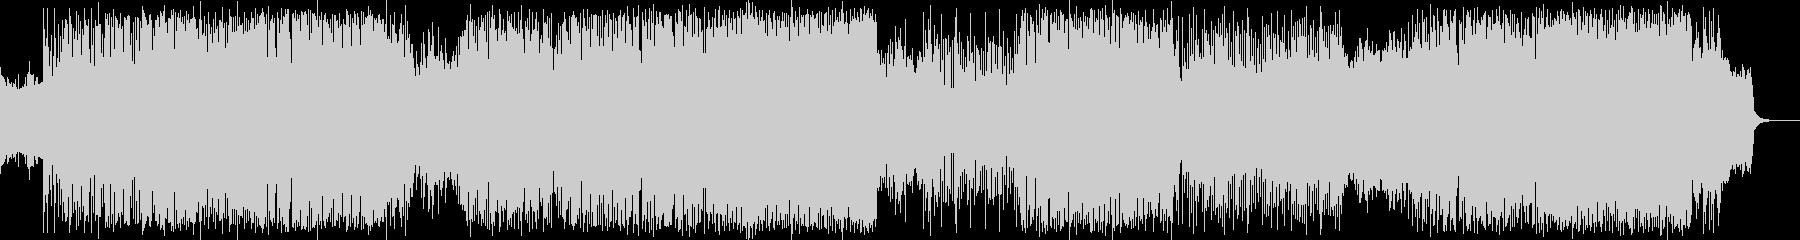 レトロゲームミュージック_ハードロック…の未再生の波形